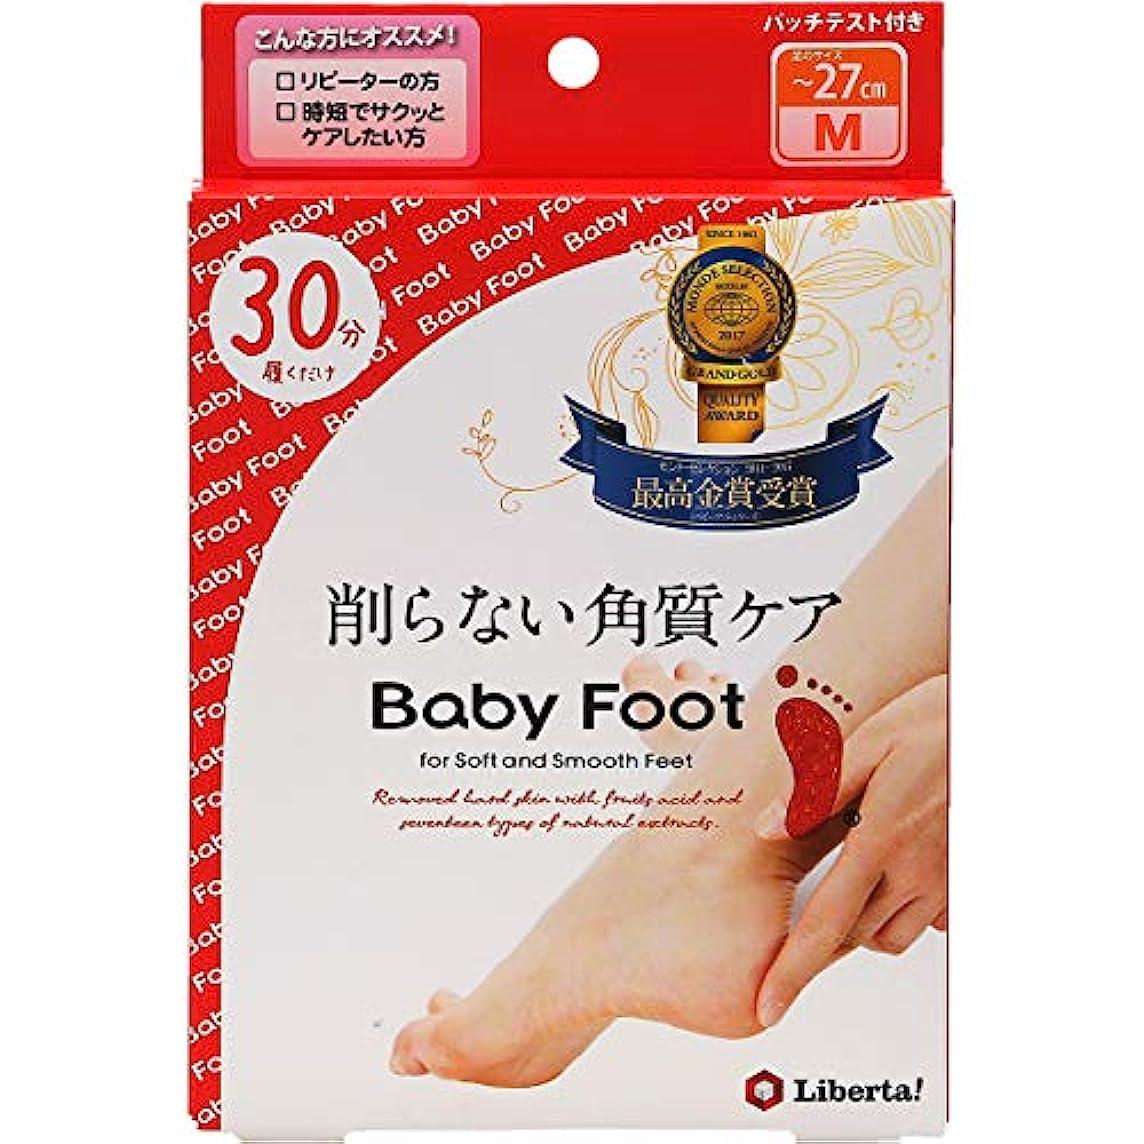 キャビン動物十年ベビーフット (Baby Foot) ベビーフット イージーパック30分タイプ Mサイズ 単品